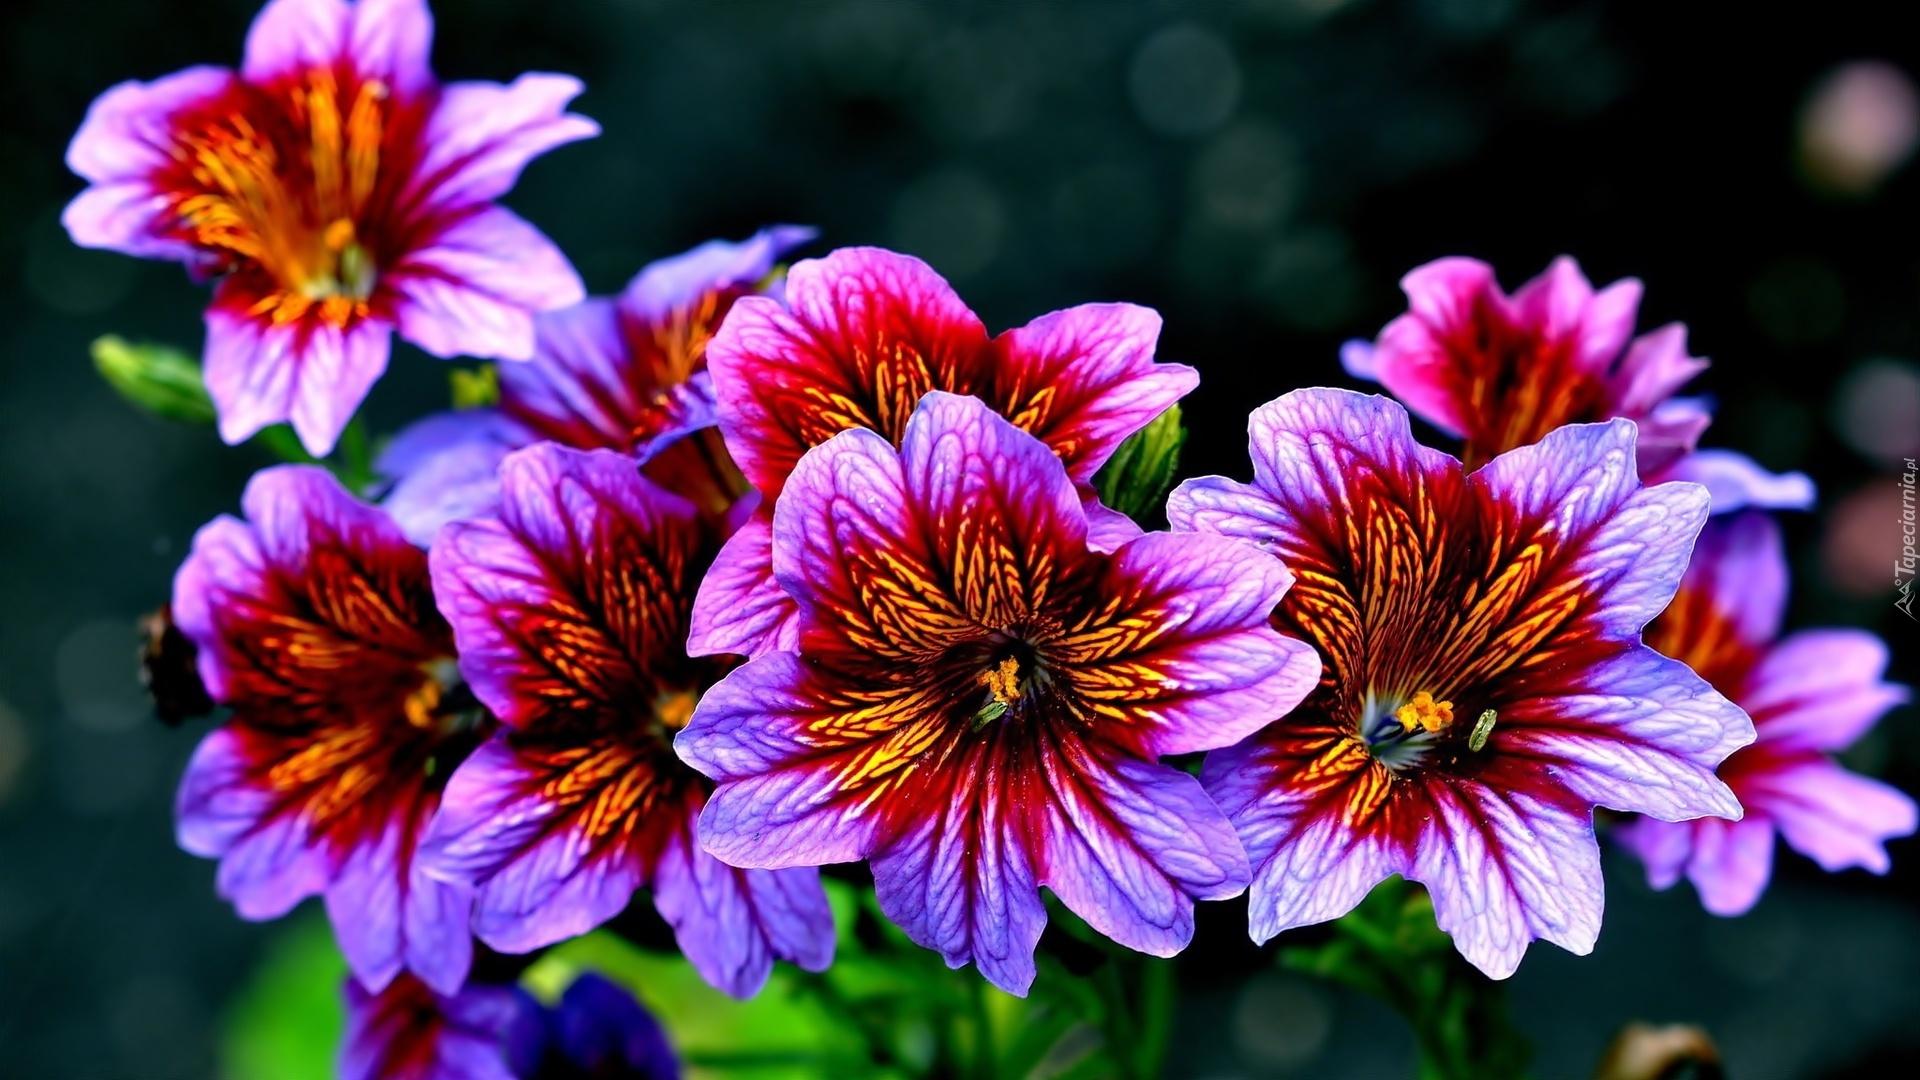 http://www.tapeciarnia.pl/tapety/normalne/242299_kwiaty_purpurowe.jpg